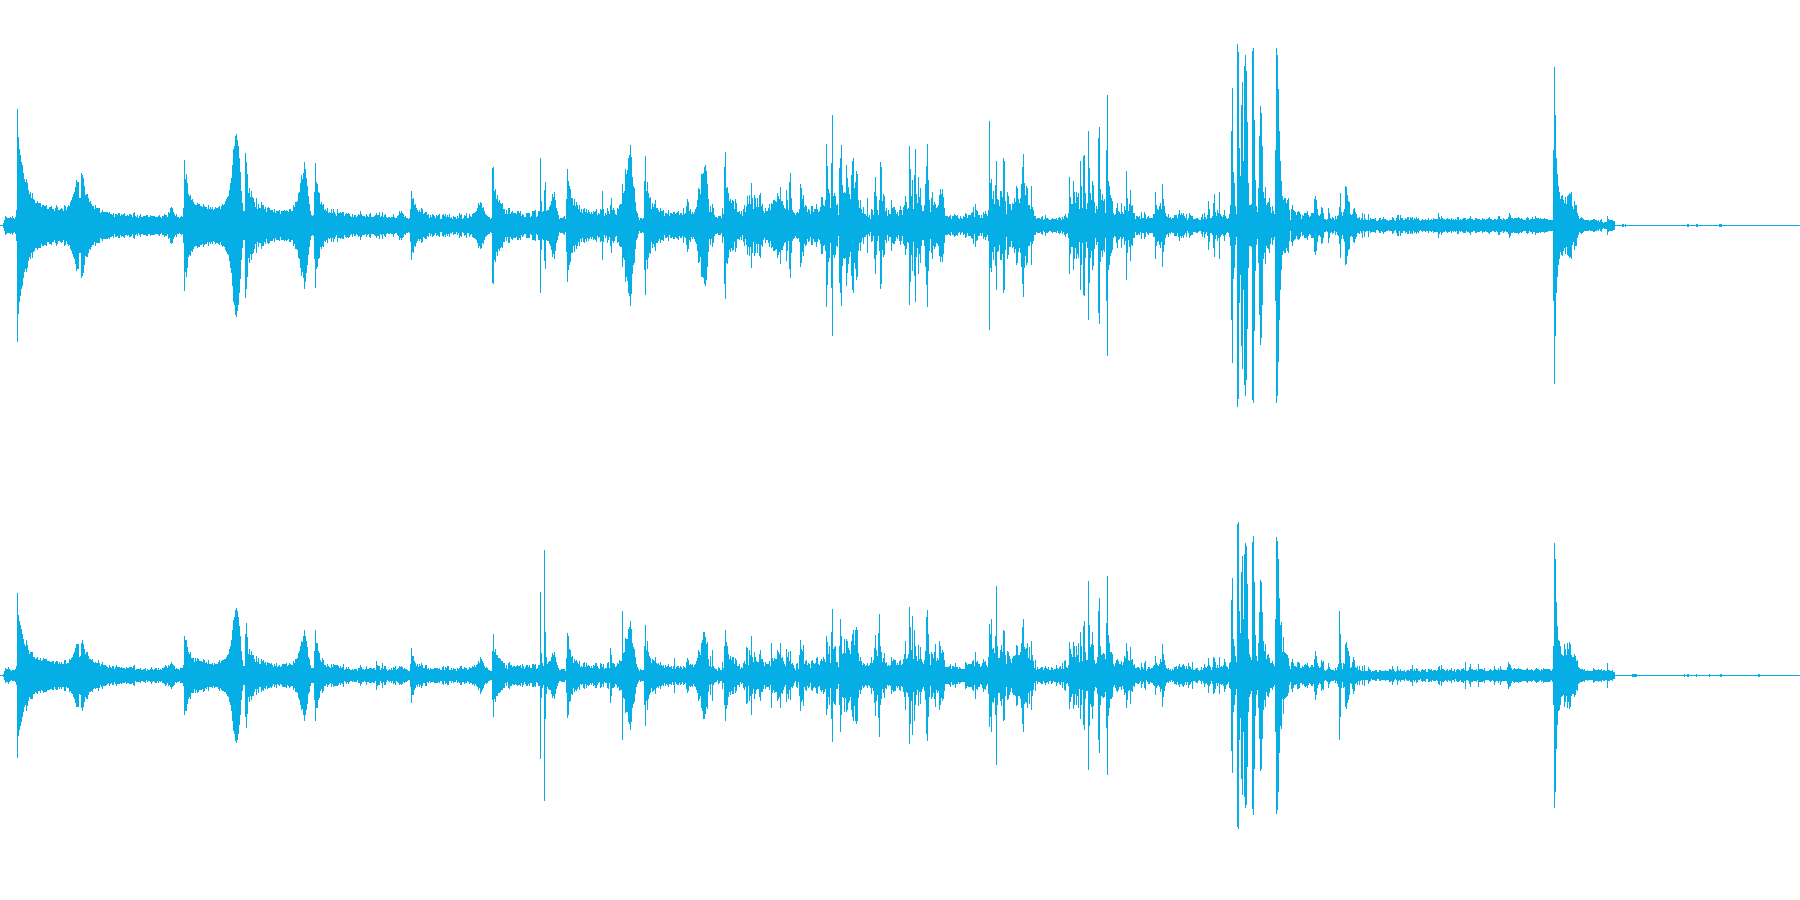 コポコポコポッキン(飲み物をつぐ音)の再生済みの波形